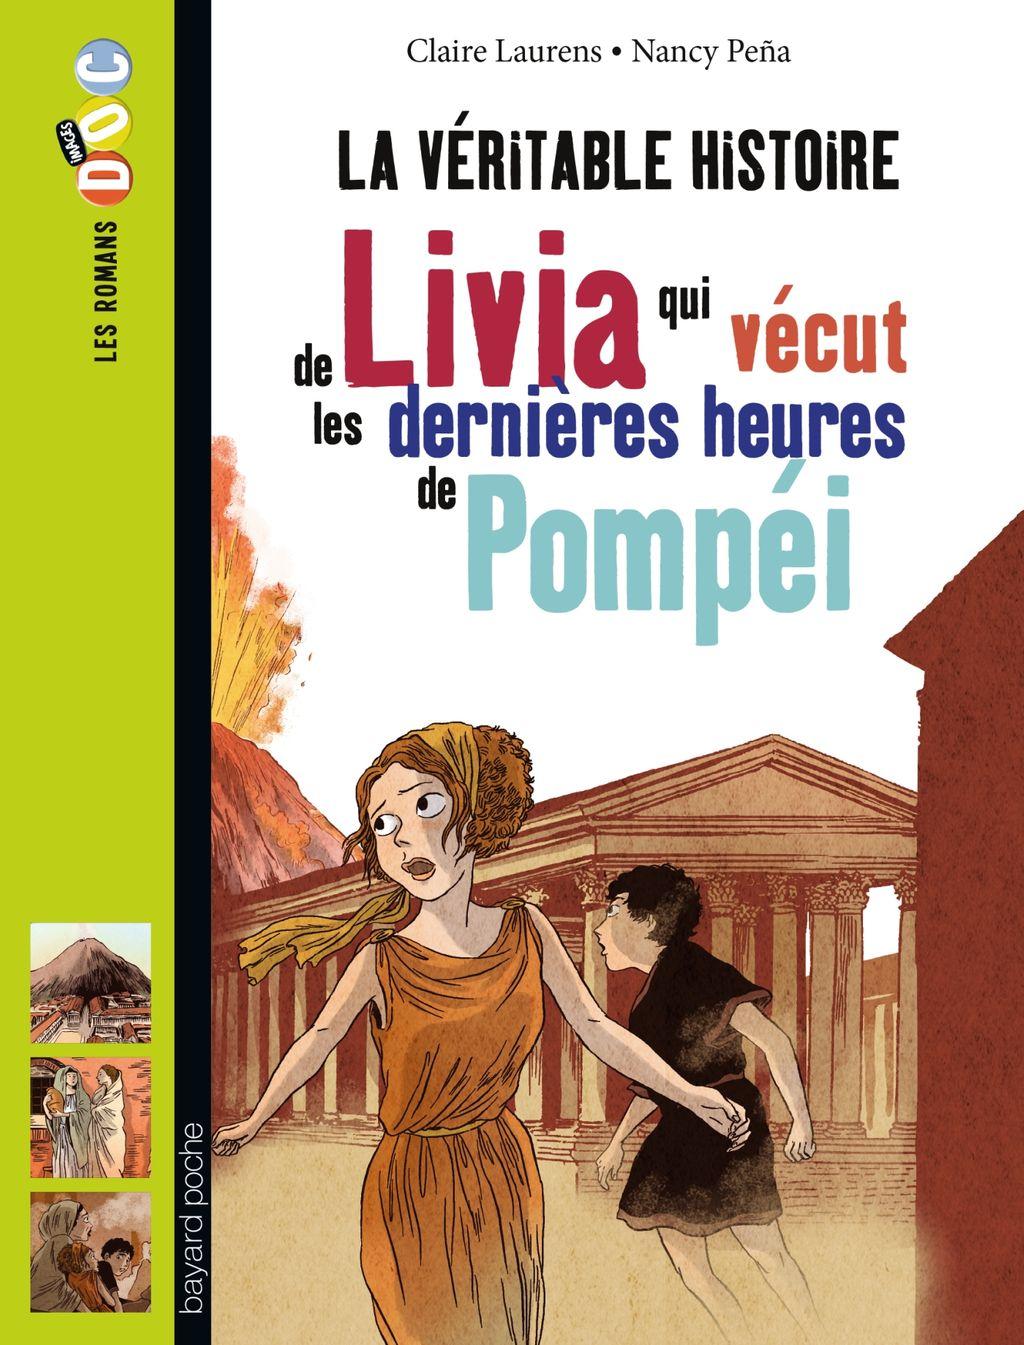 «La véritable histoire de Livia, qui vécut les dernières heures de Pompéi» cover